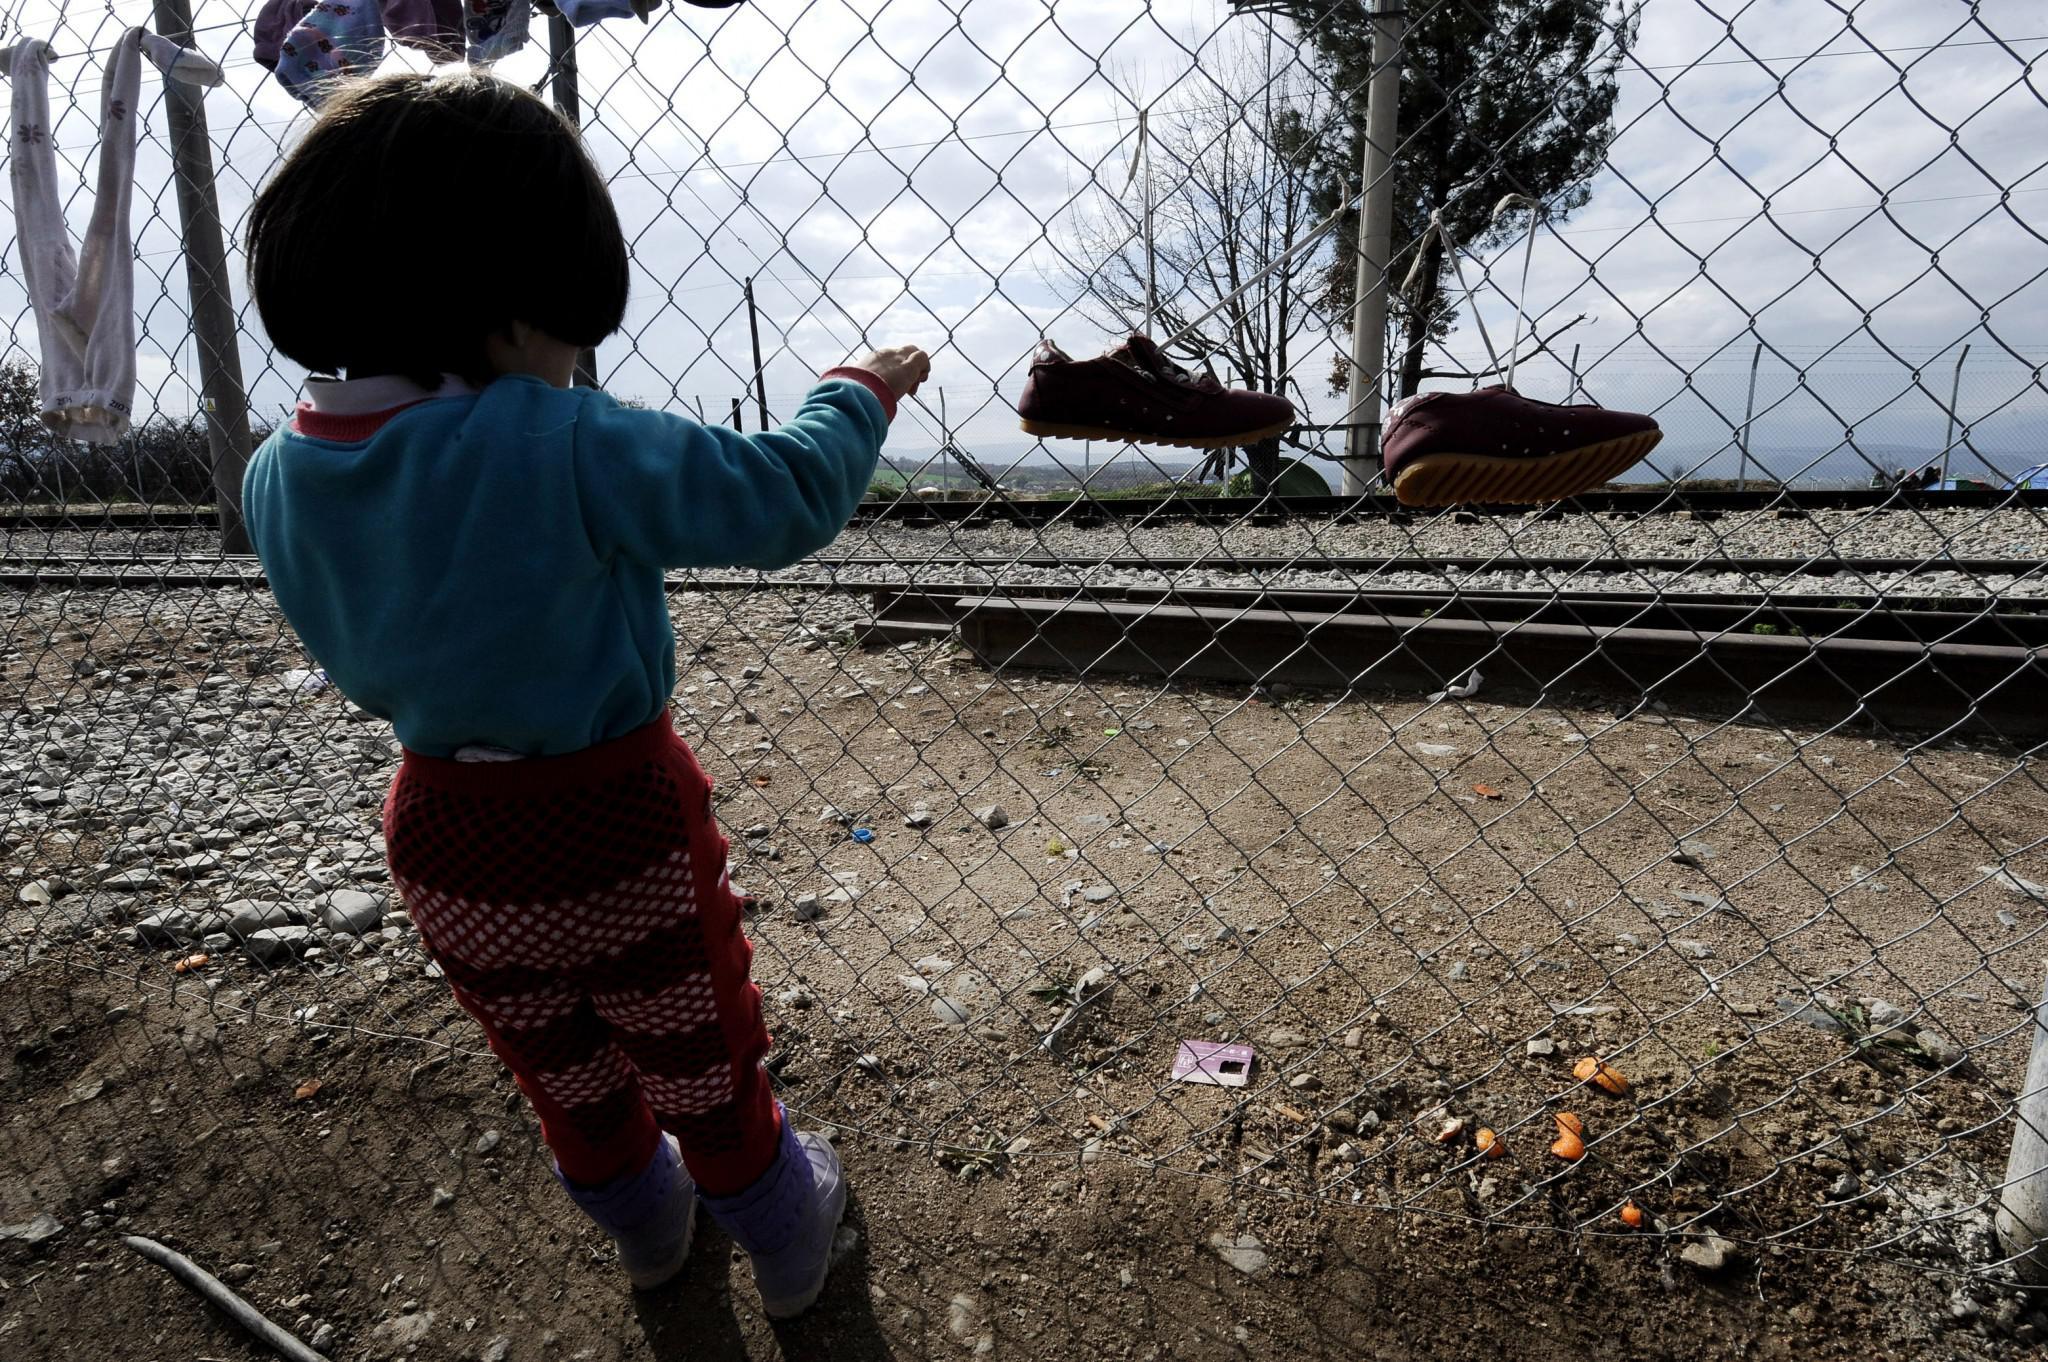 Υπόθεση Λιγνάδη: Εισαγγελική έρευνα για εμπλοκή δομών με ανήλικους πρόσφυγες